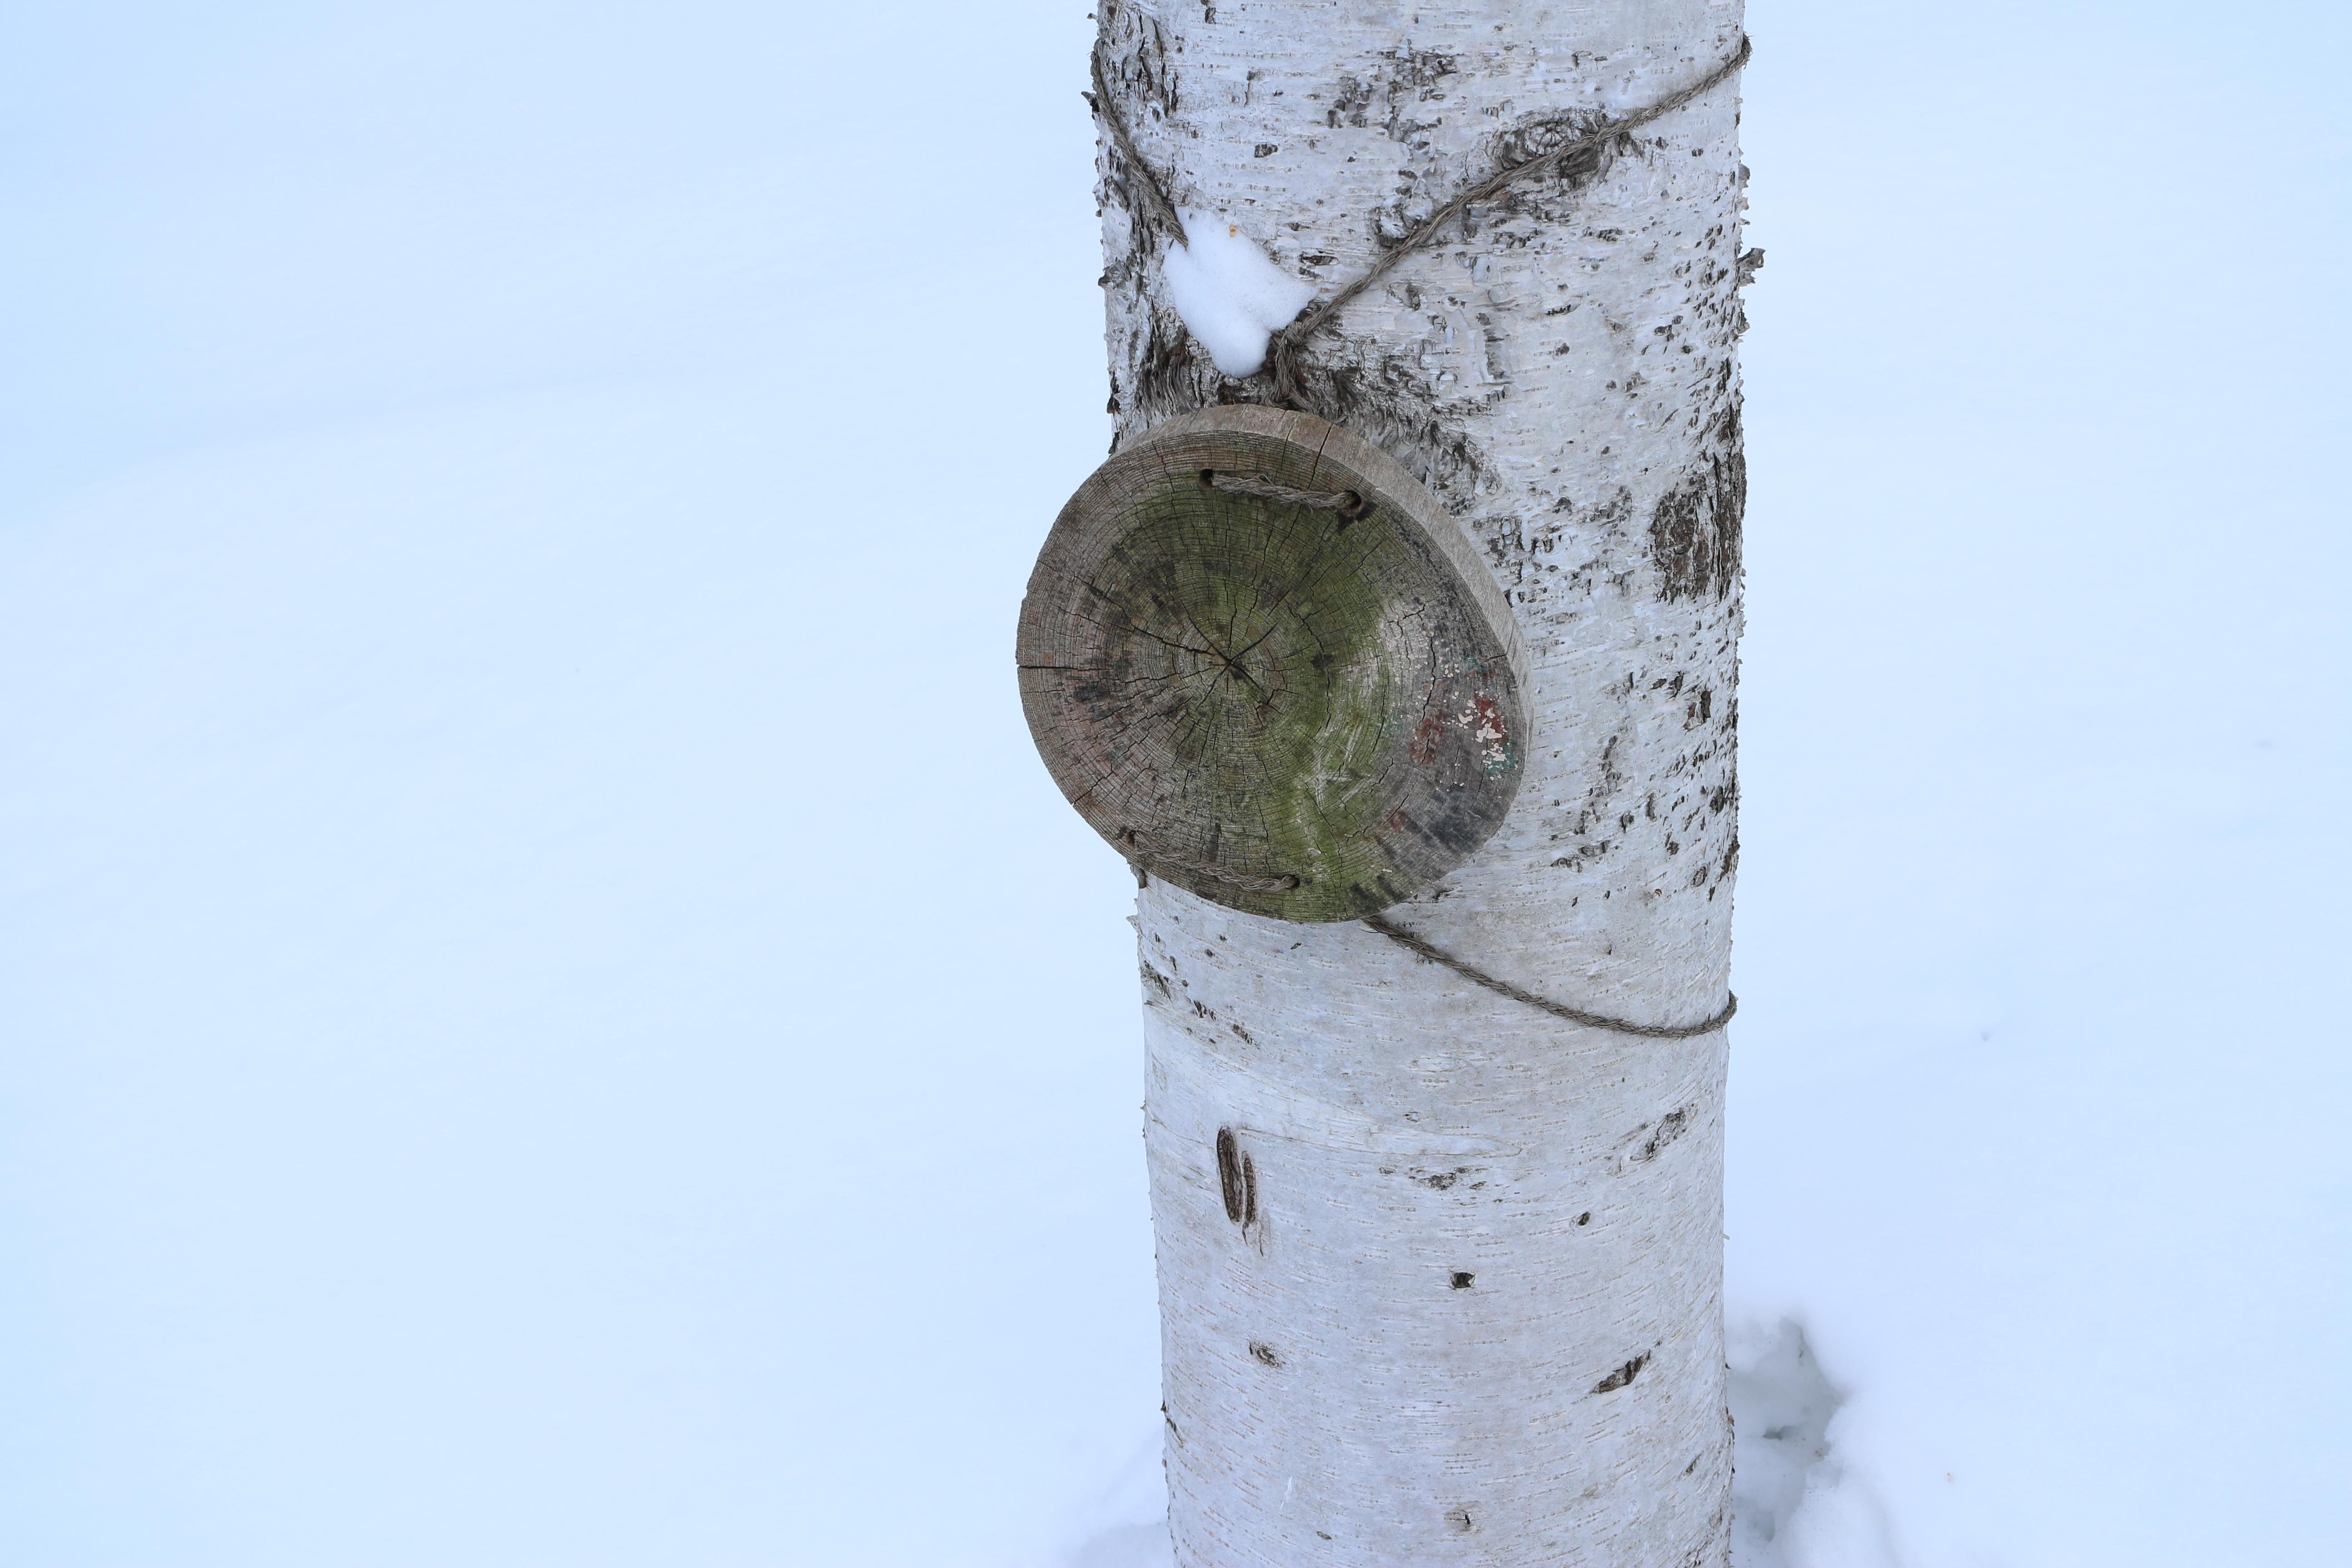 樹の幹に取り付けられているのは、たぶん何かを説明するための札だと思うのだが、書き直そうというつもりはないのだろうか。EOS M / EF-M 18-55mm F3.5-5.6 IS STM / 5,184×3,456 / 1/60秒 / F8 / 1EV / ISO100 / WB:オート / 24mm(38mm相当)